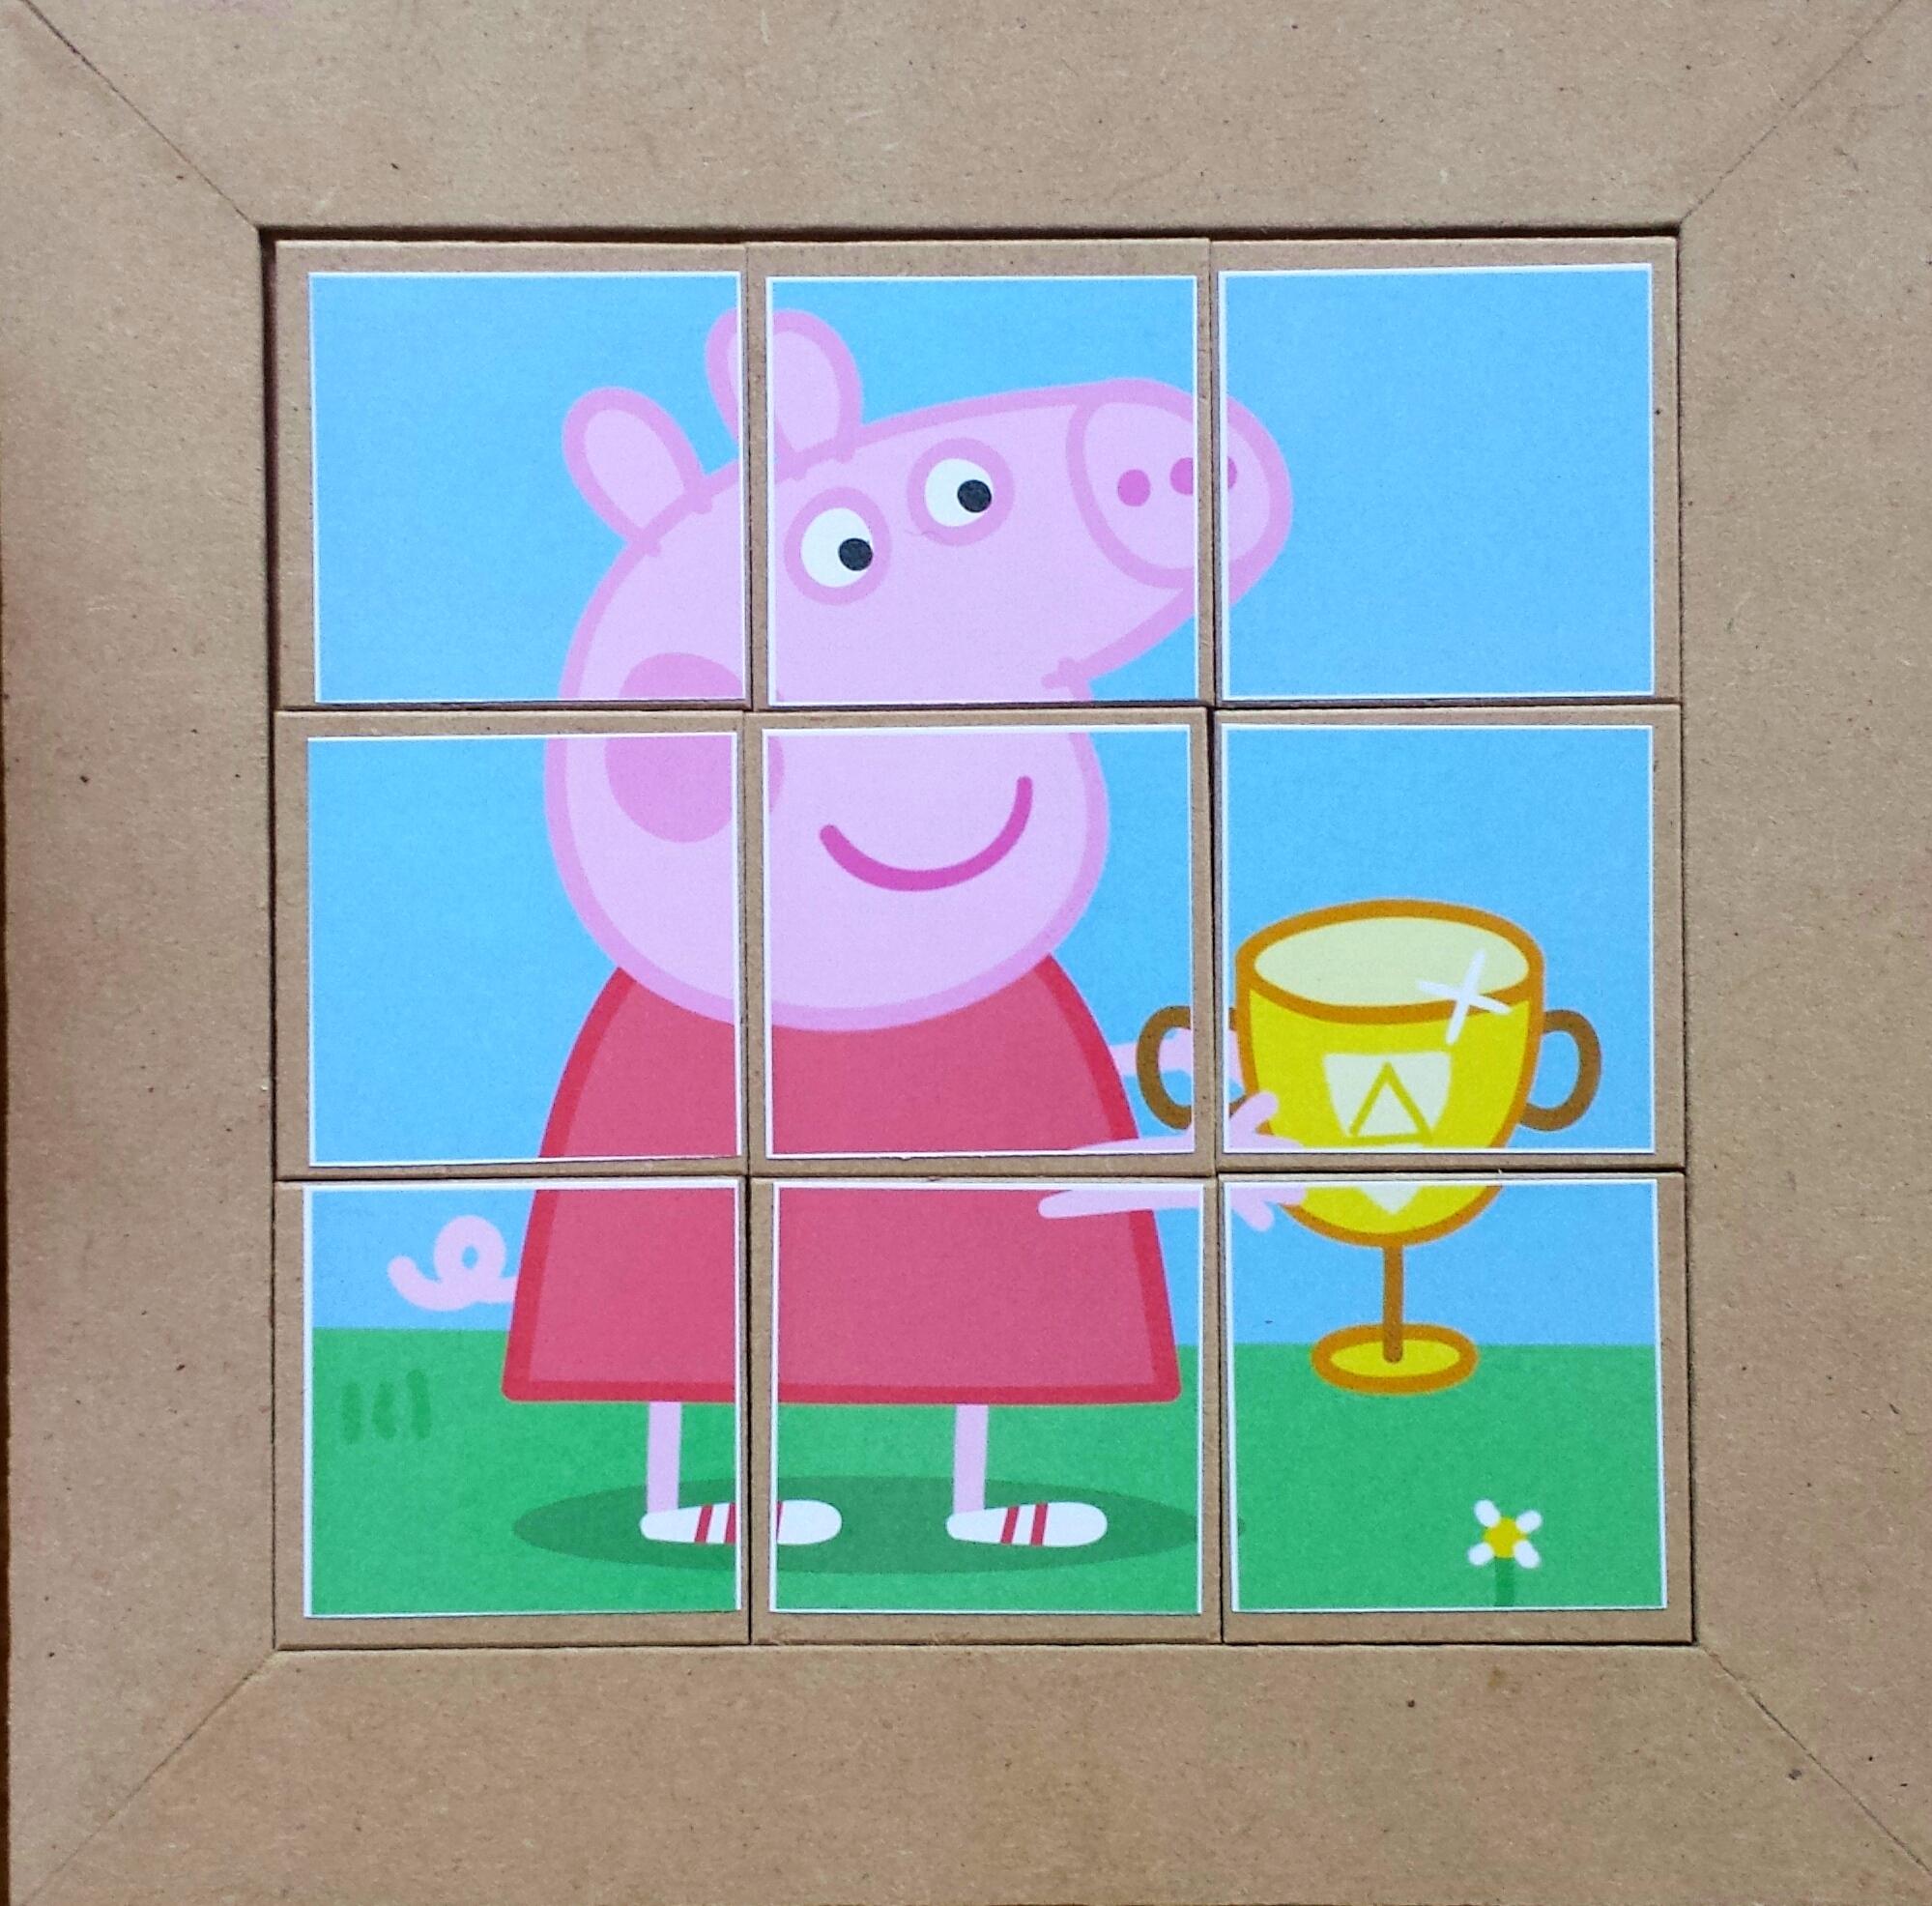 Quebra Cabeca Infantil Pepa Pig No Elo7 Tribal Criacoes 4ee012